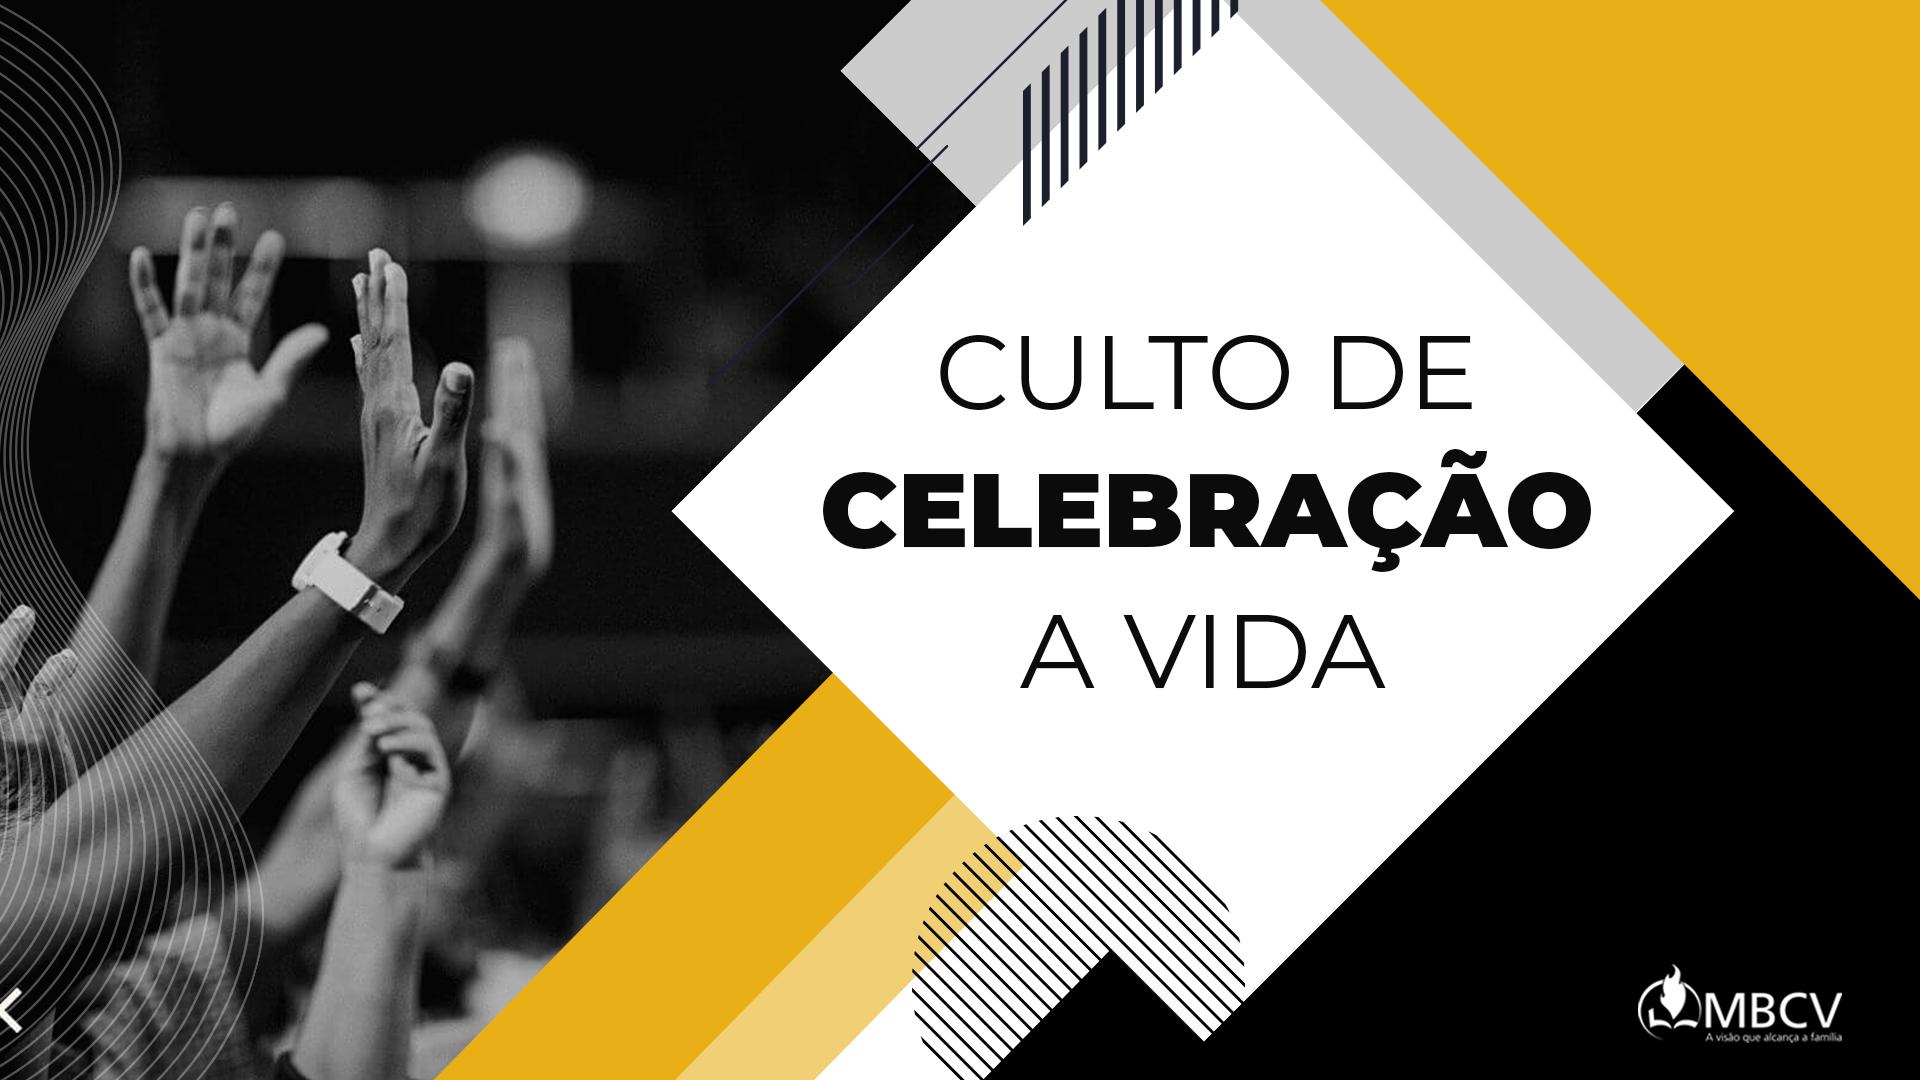 Culto de Celebração a Vida